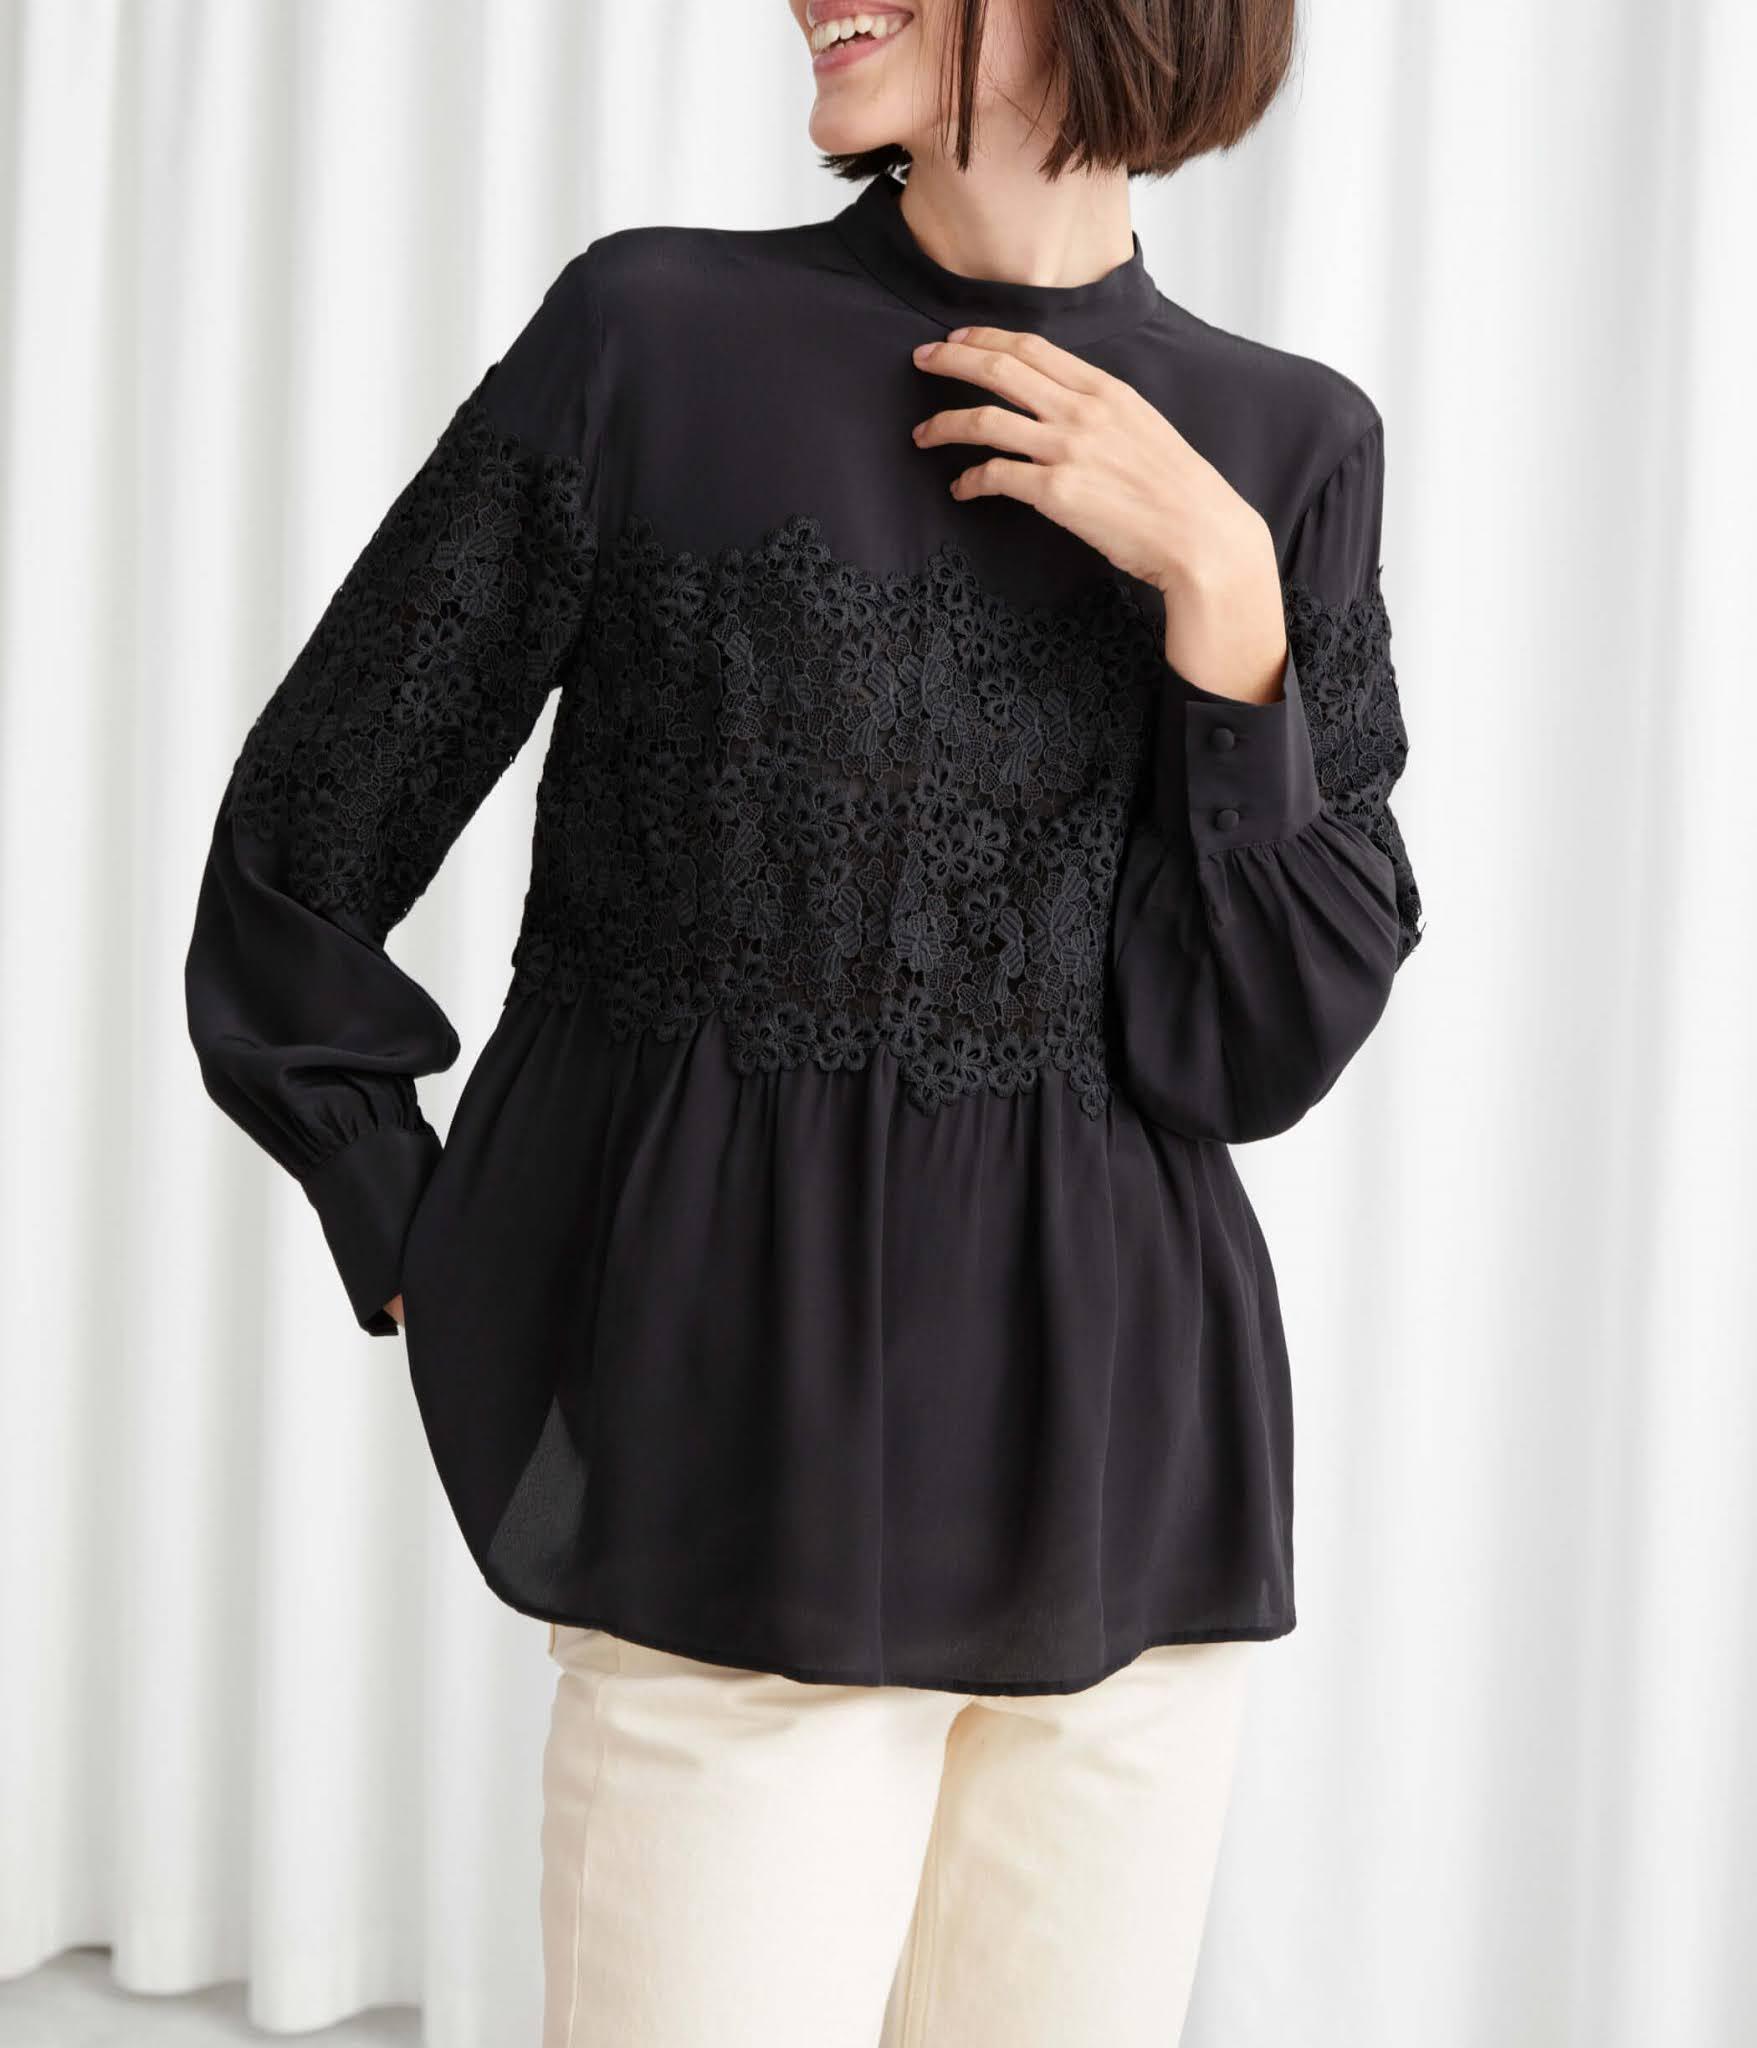 romantic lace blouse